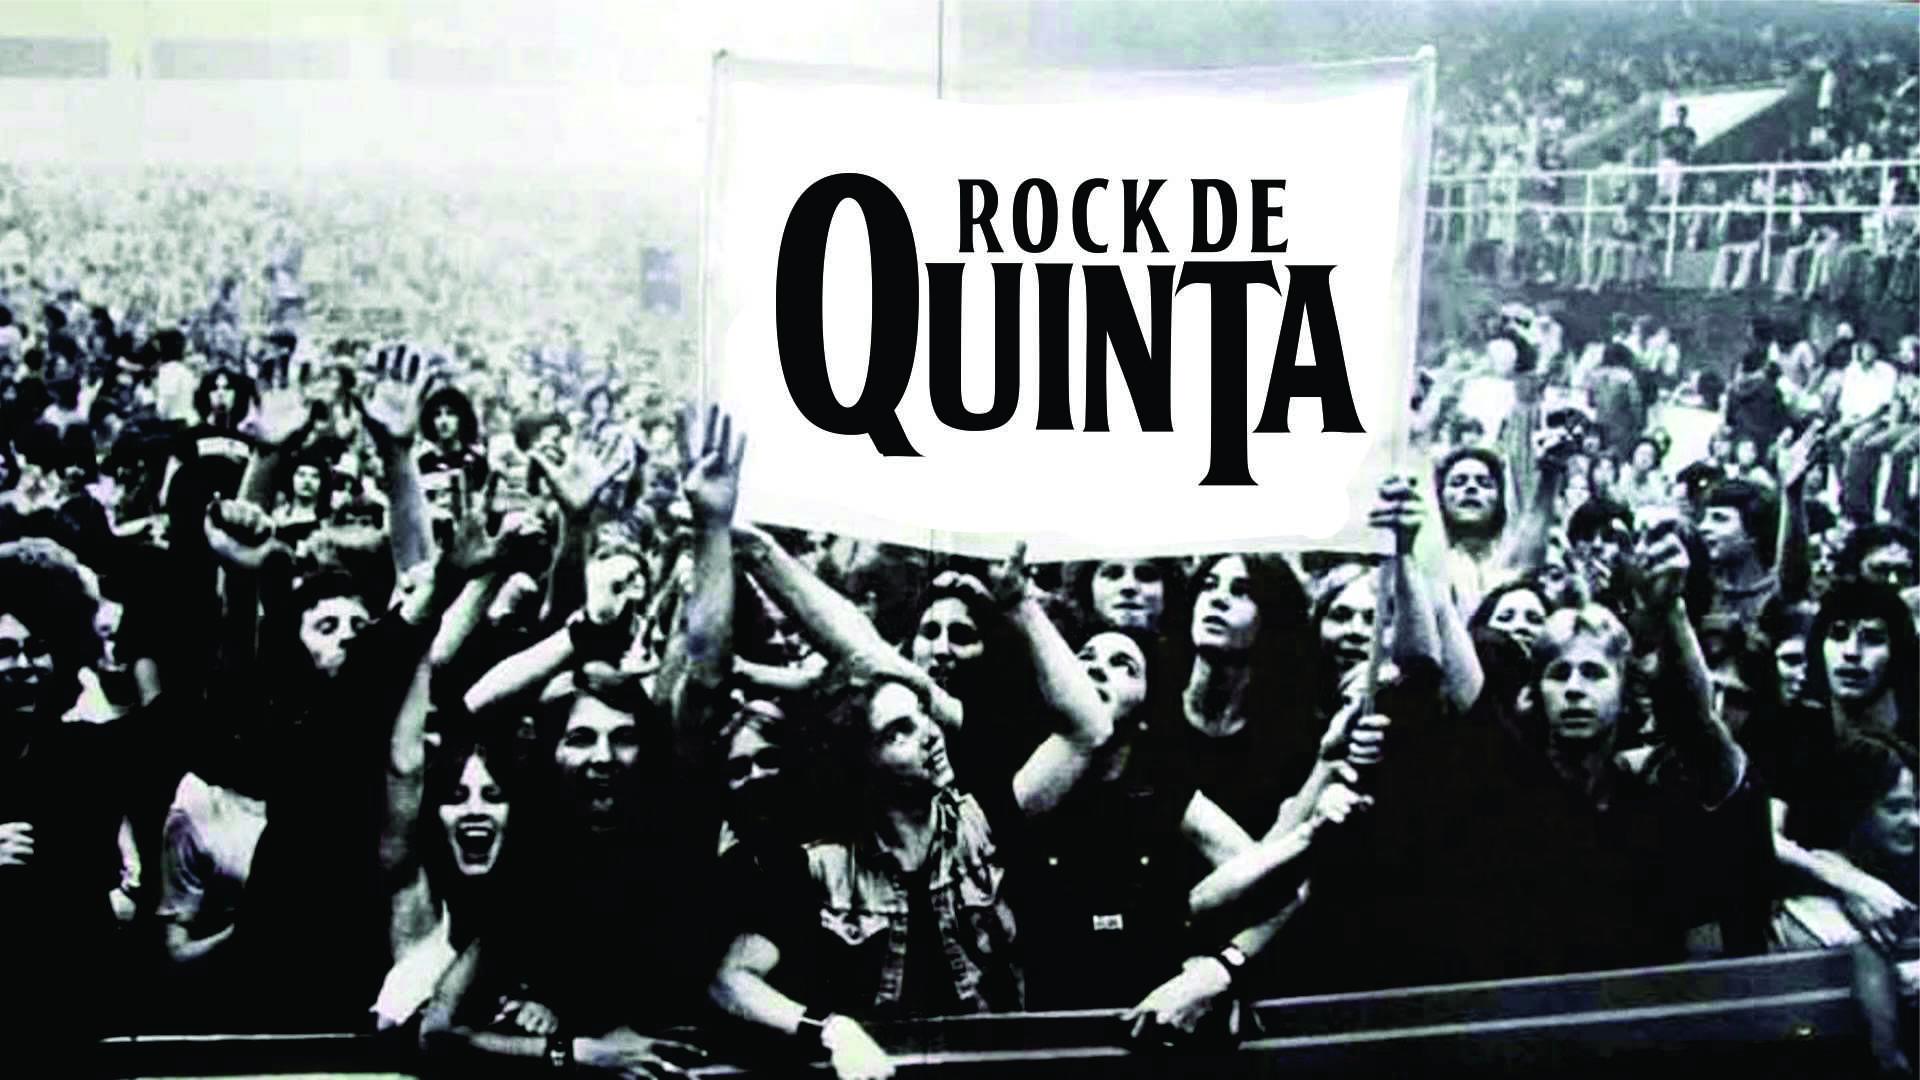 Rock_imagem